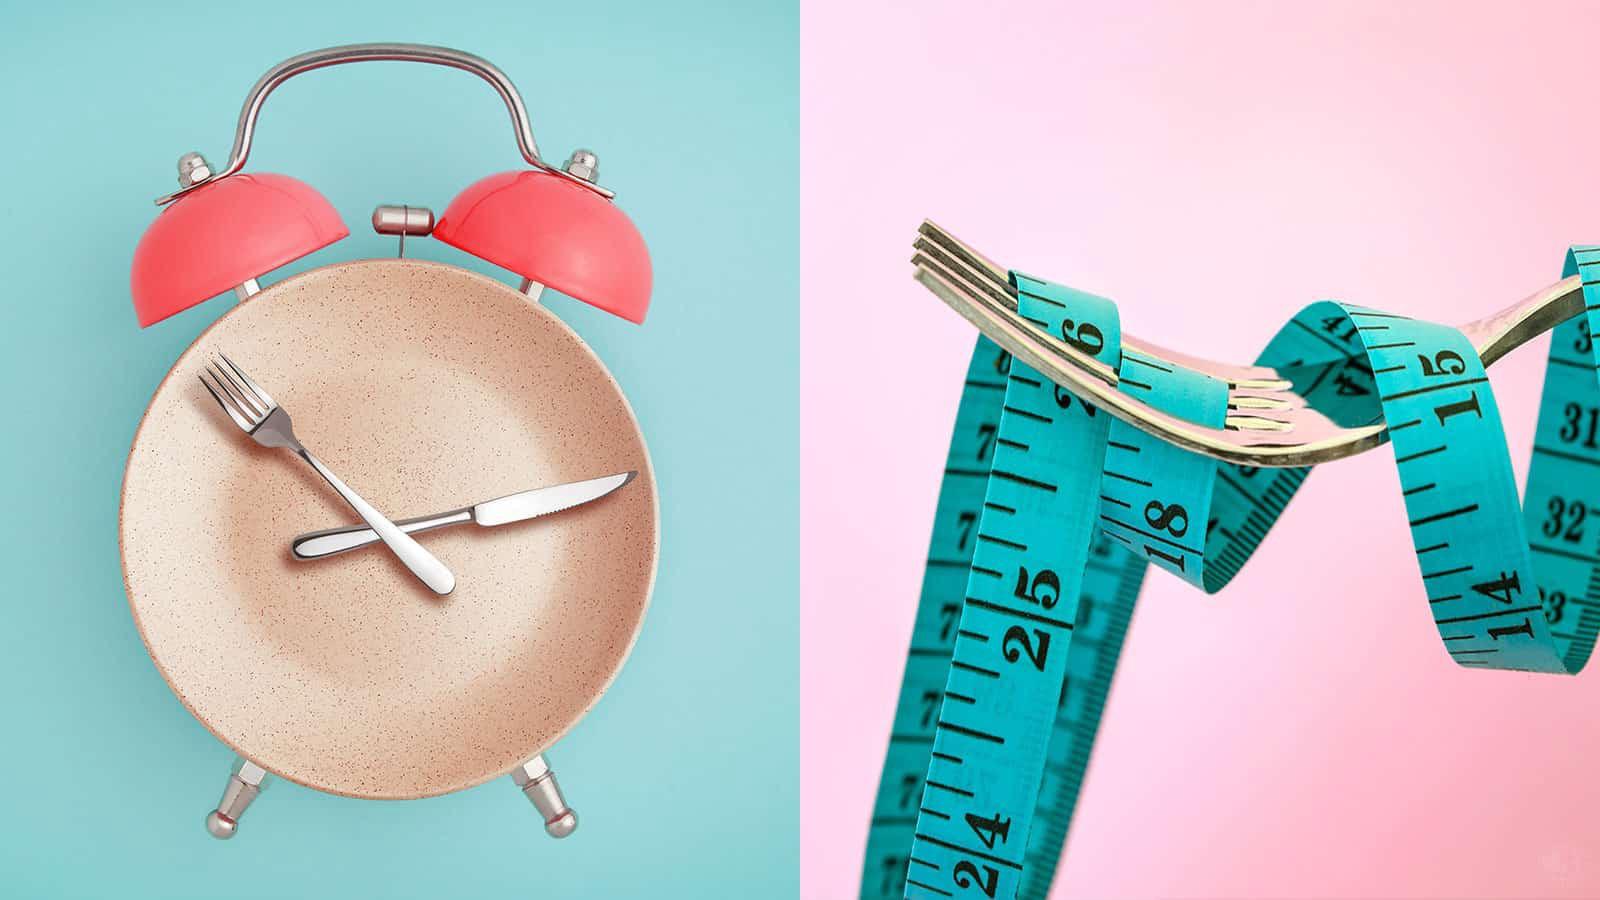 帮粉丝14天减掉10斤后,关于减肥,减脂我的5点建议分享